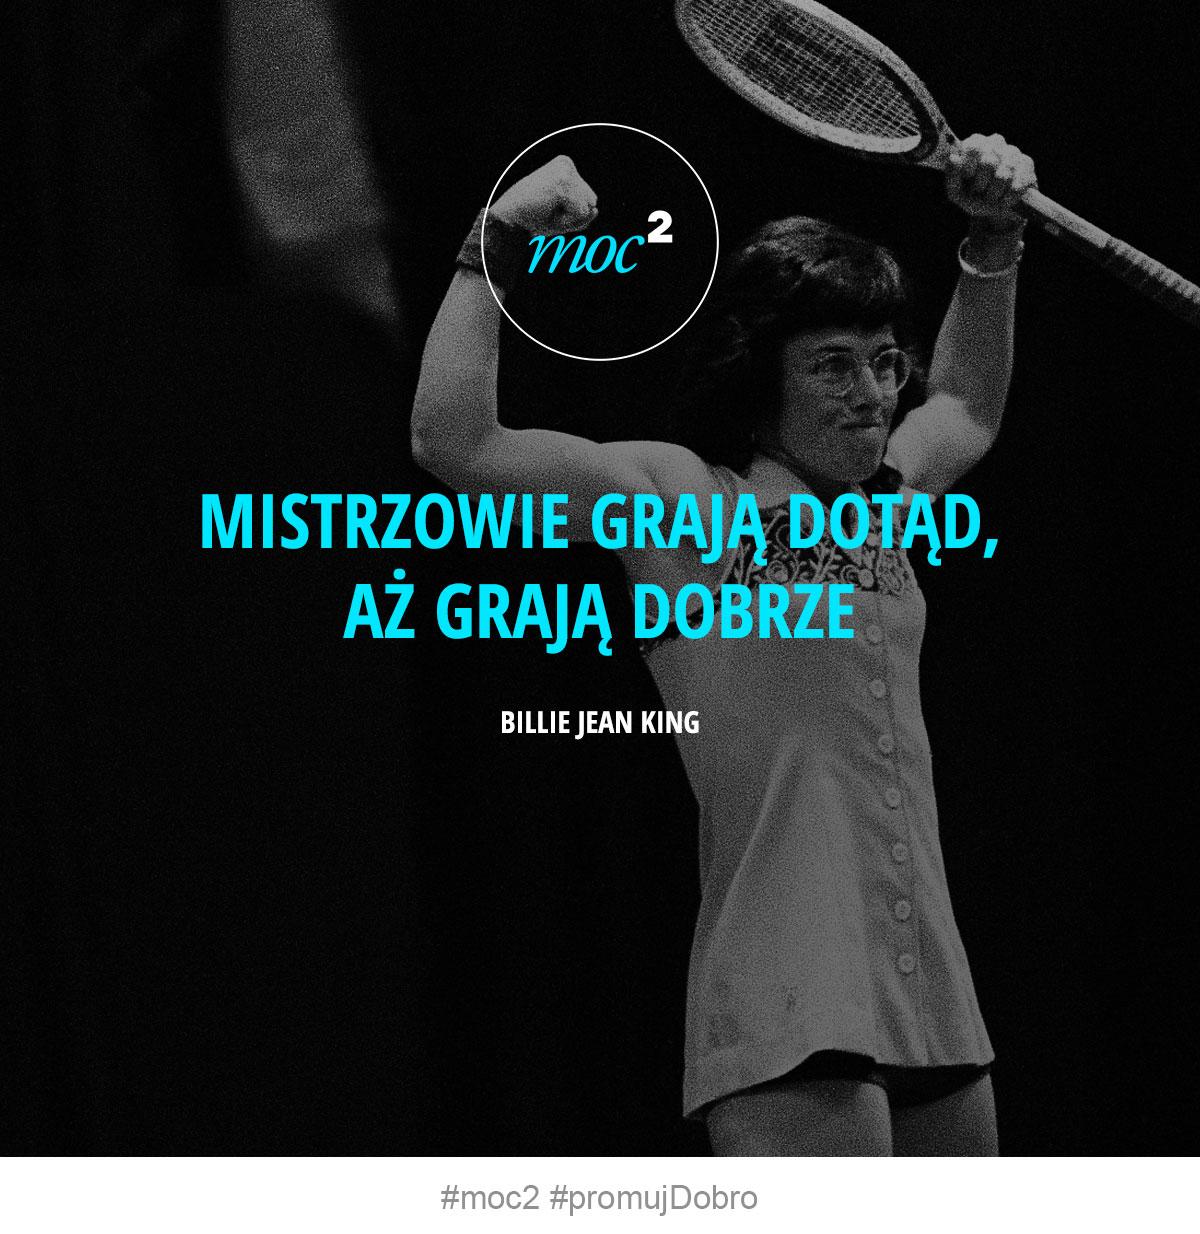 150901-motywacja-inspiracja-cytaty-dotad-az-graja-dobrze-Billie-Jean-King